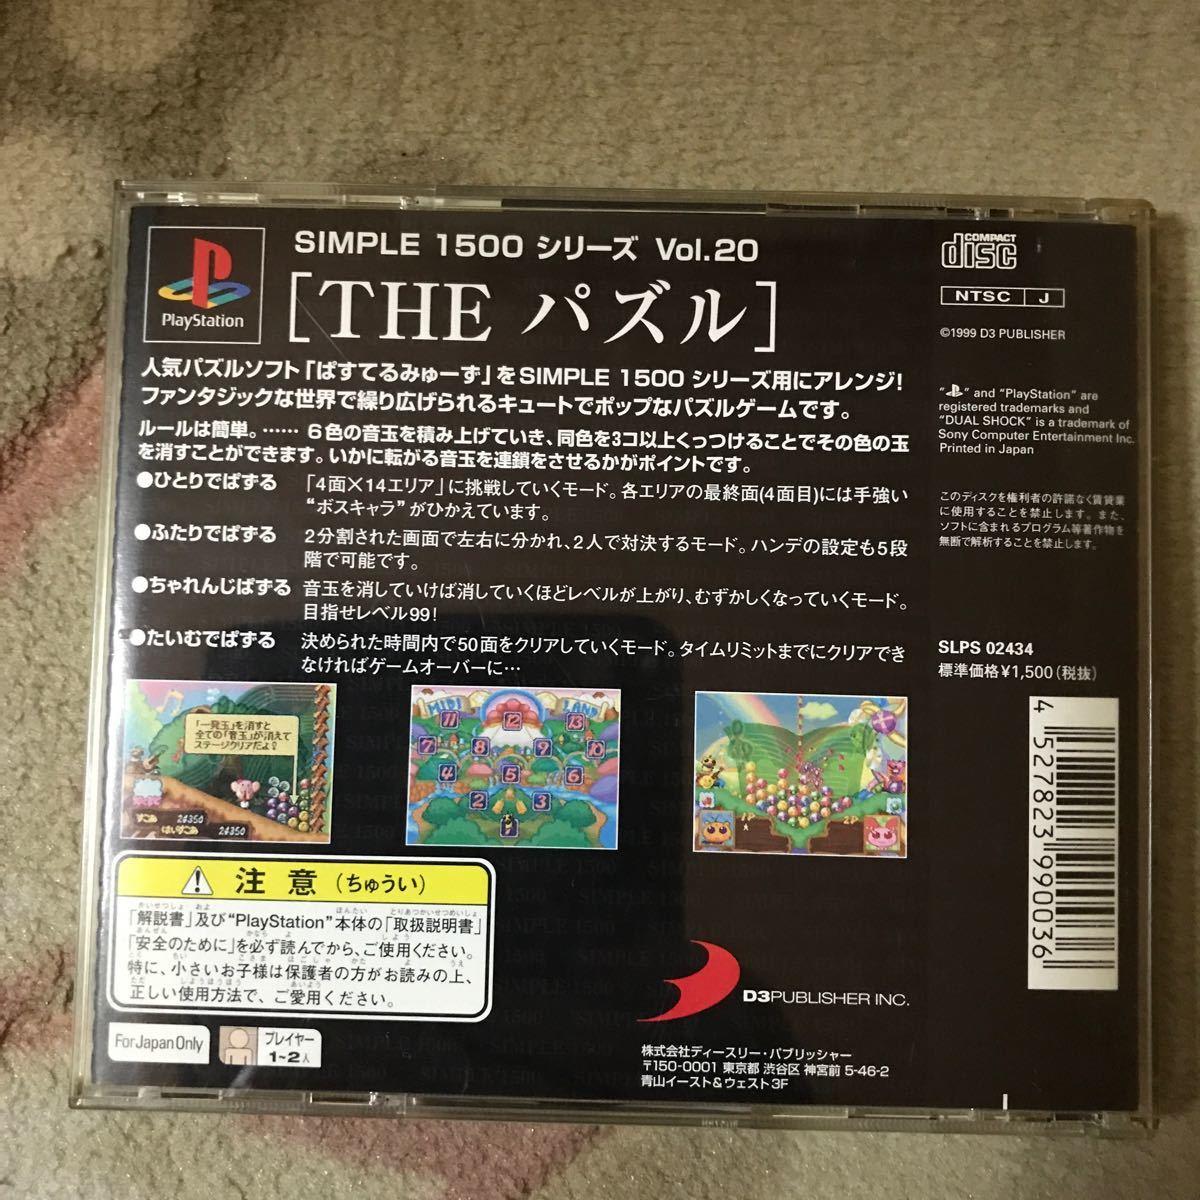 SIMPLE 1500シリーズ  Vol.20 THE パズル